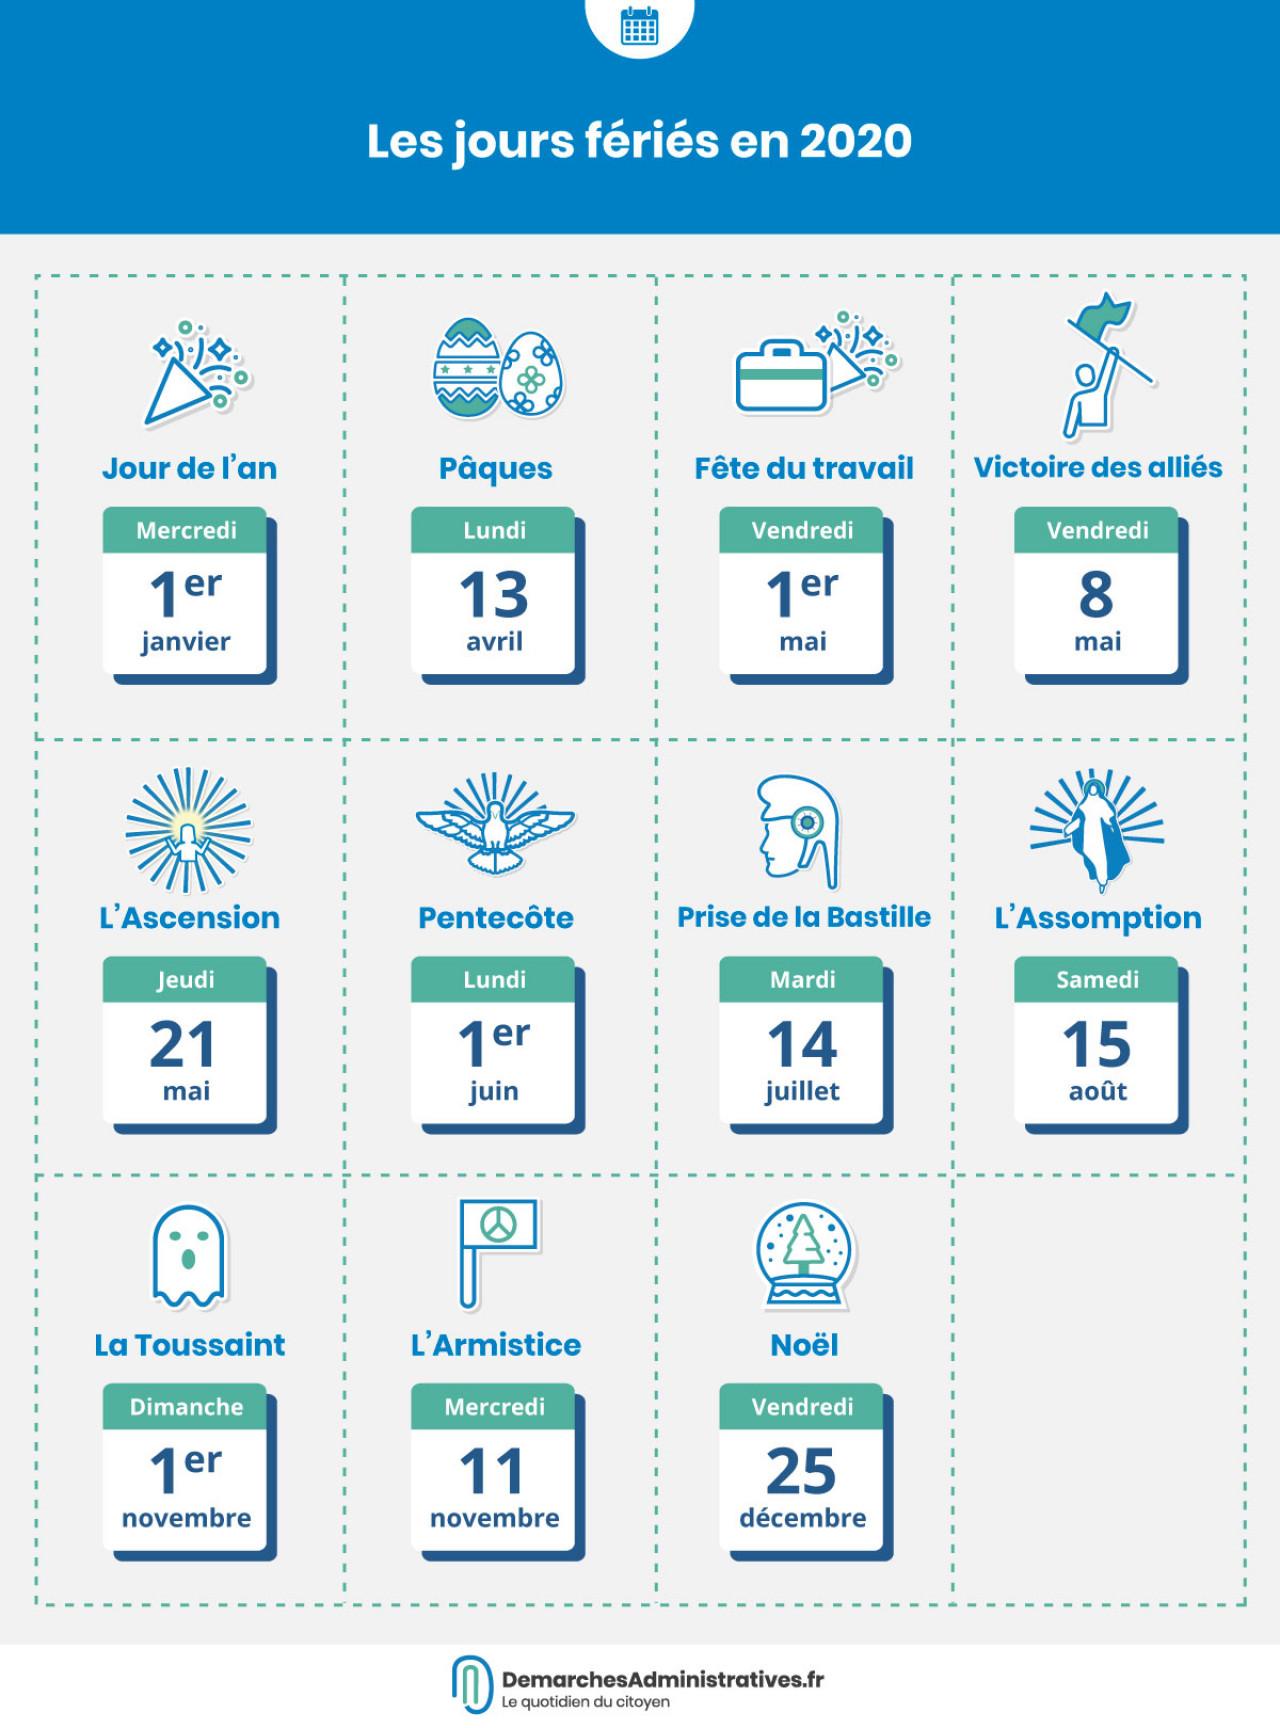 Calendrier des jours fériés en 2020 et 2021